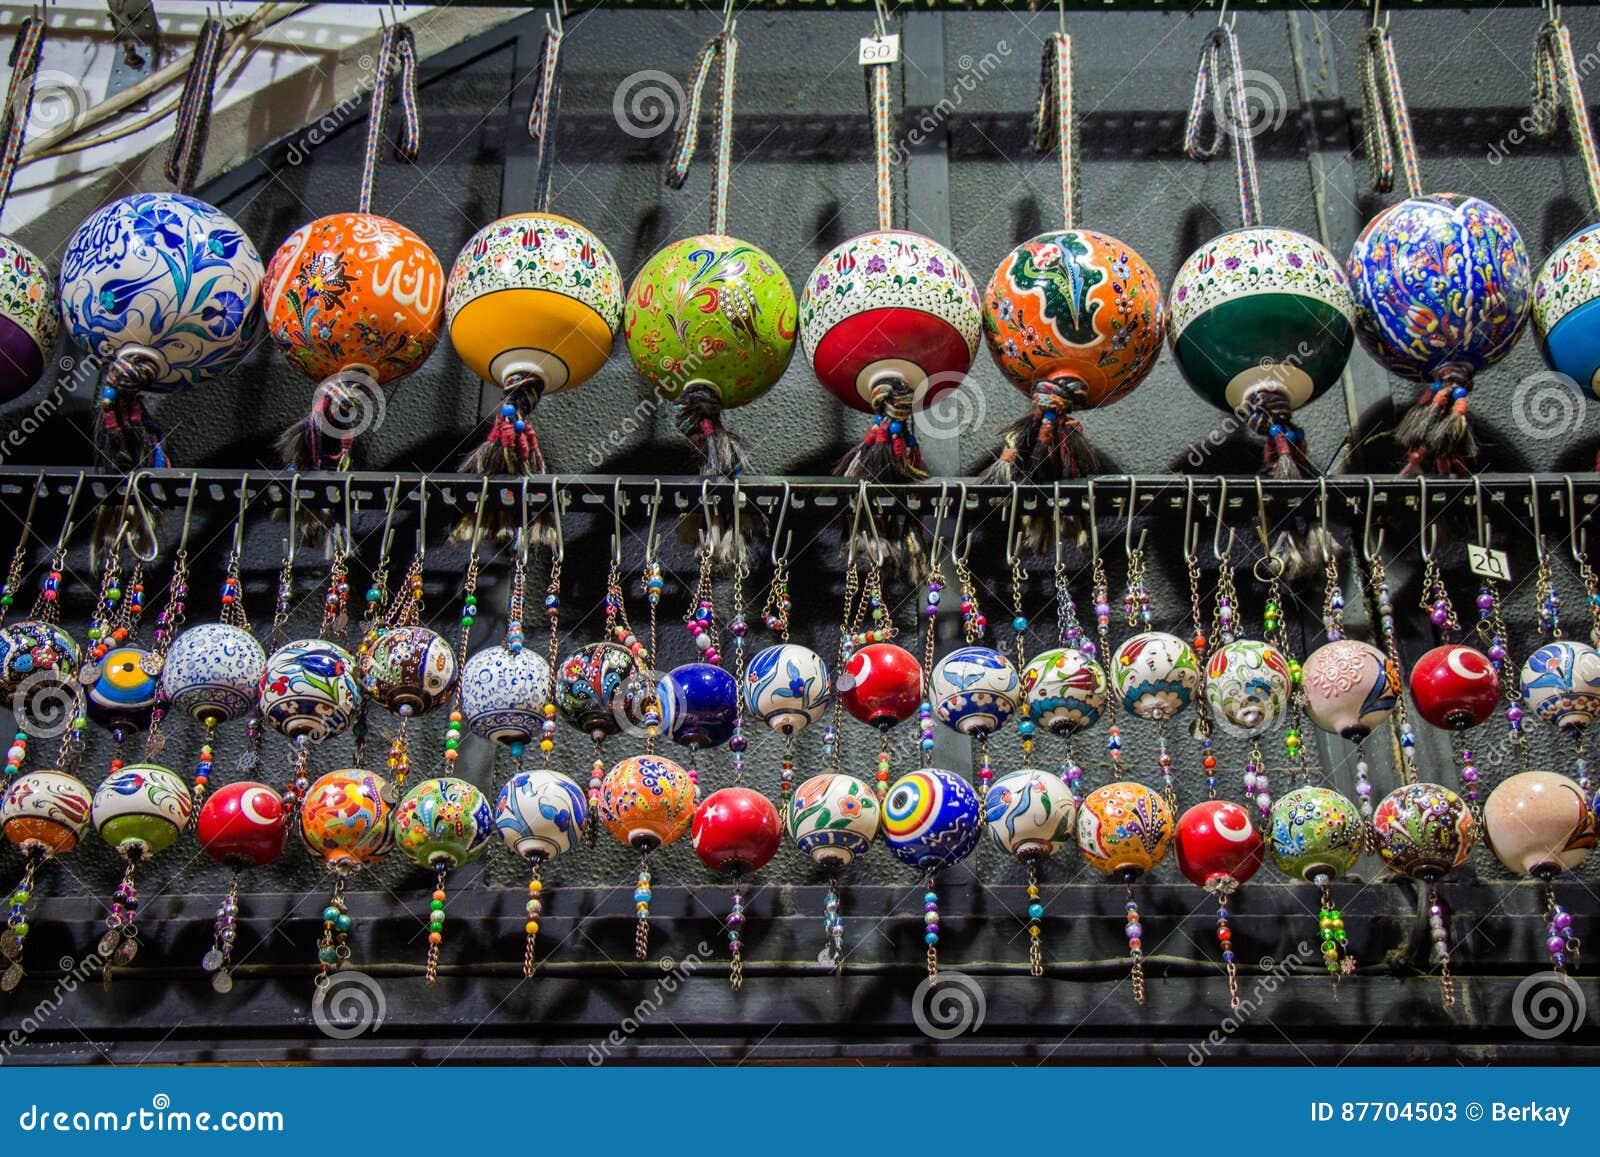 Boules en céramique turques colorées comme souvenirs